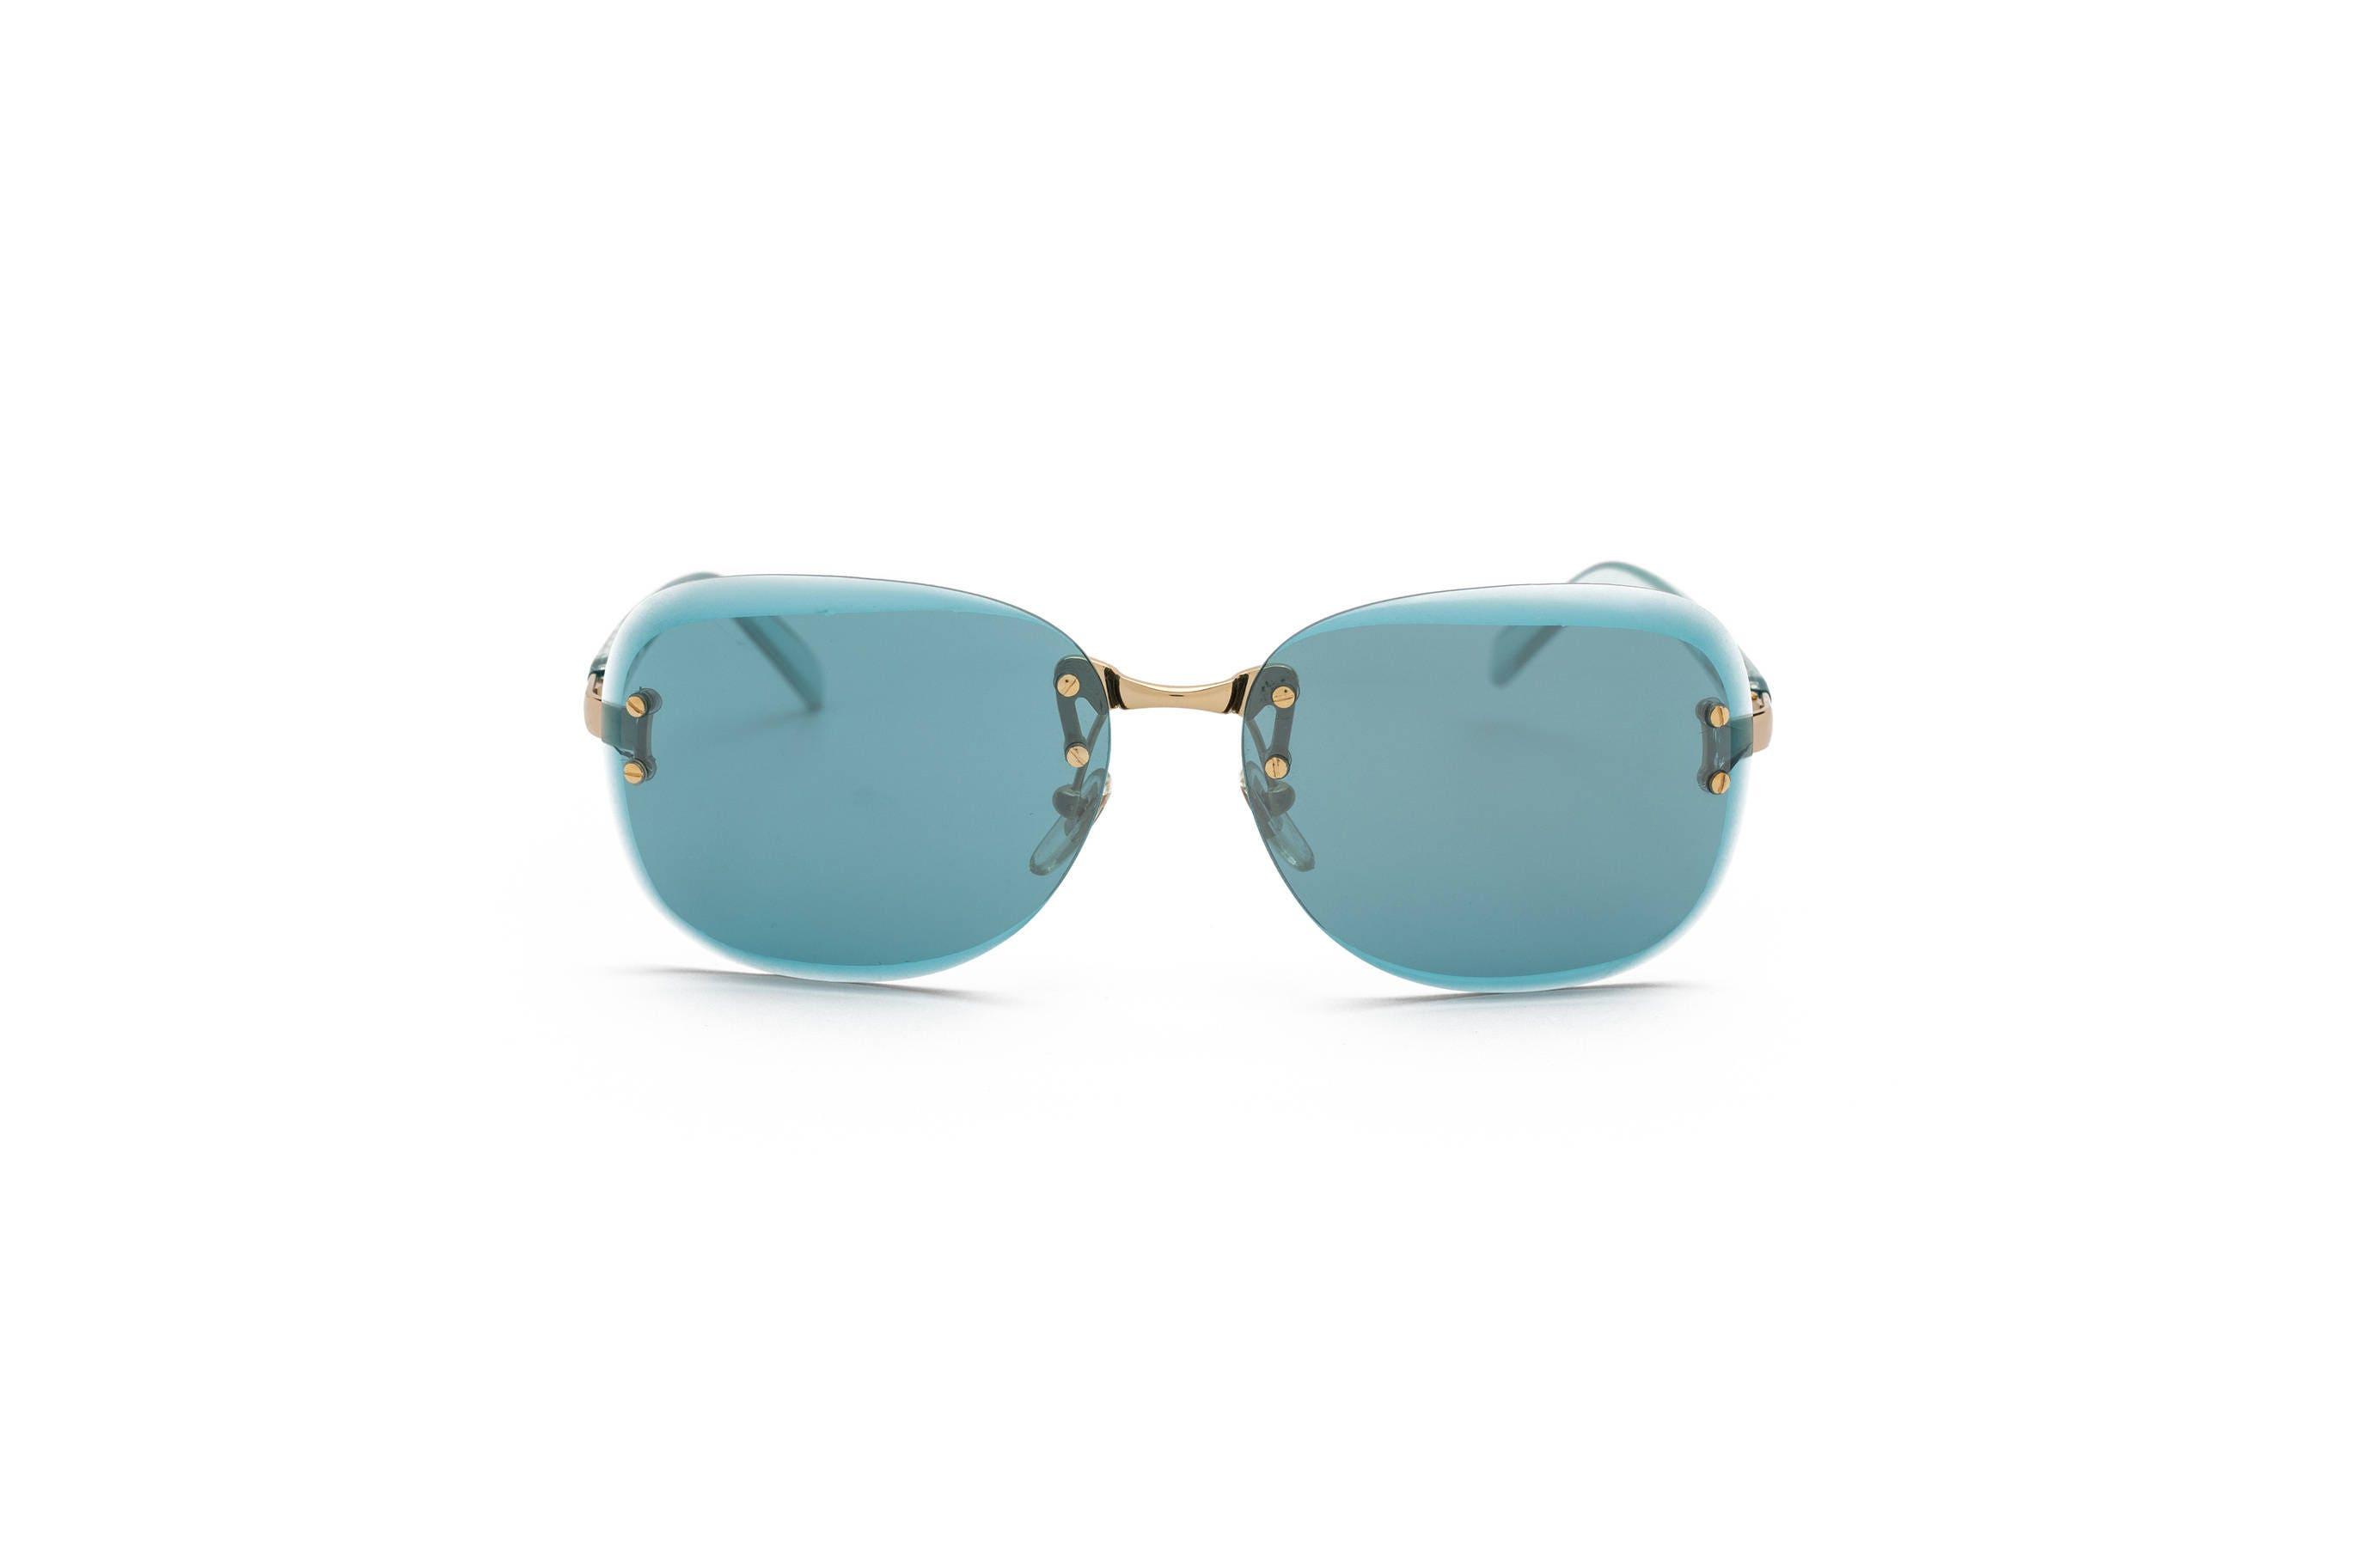 Gianni Versace X 74 030 270 Sonnenbrille Jahrgang Brillen | Etsy